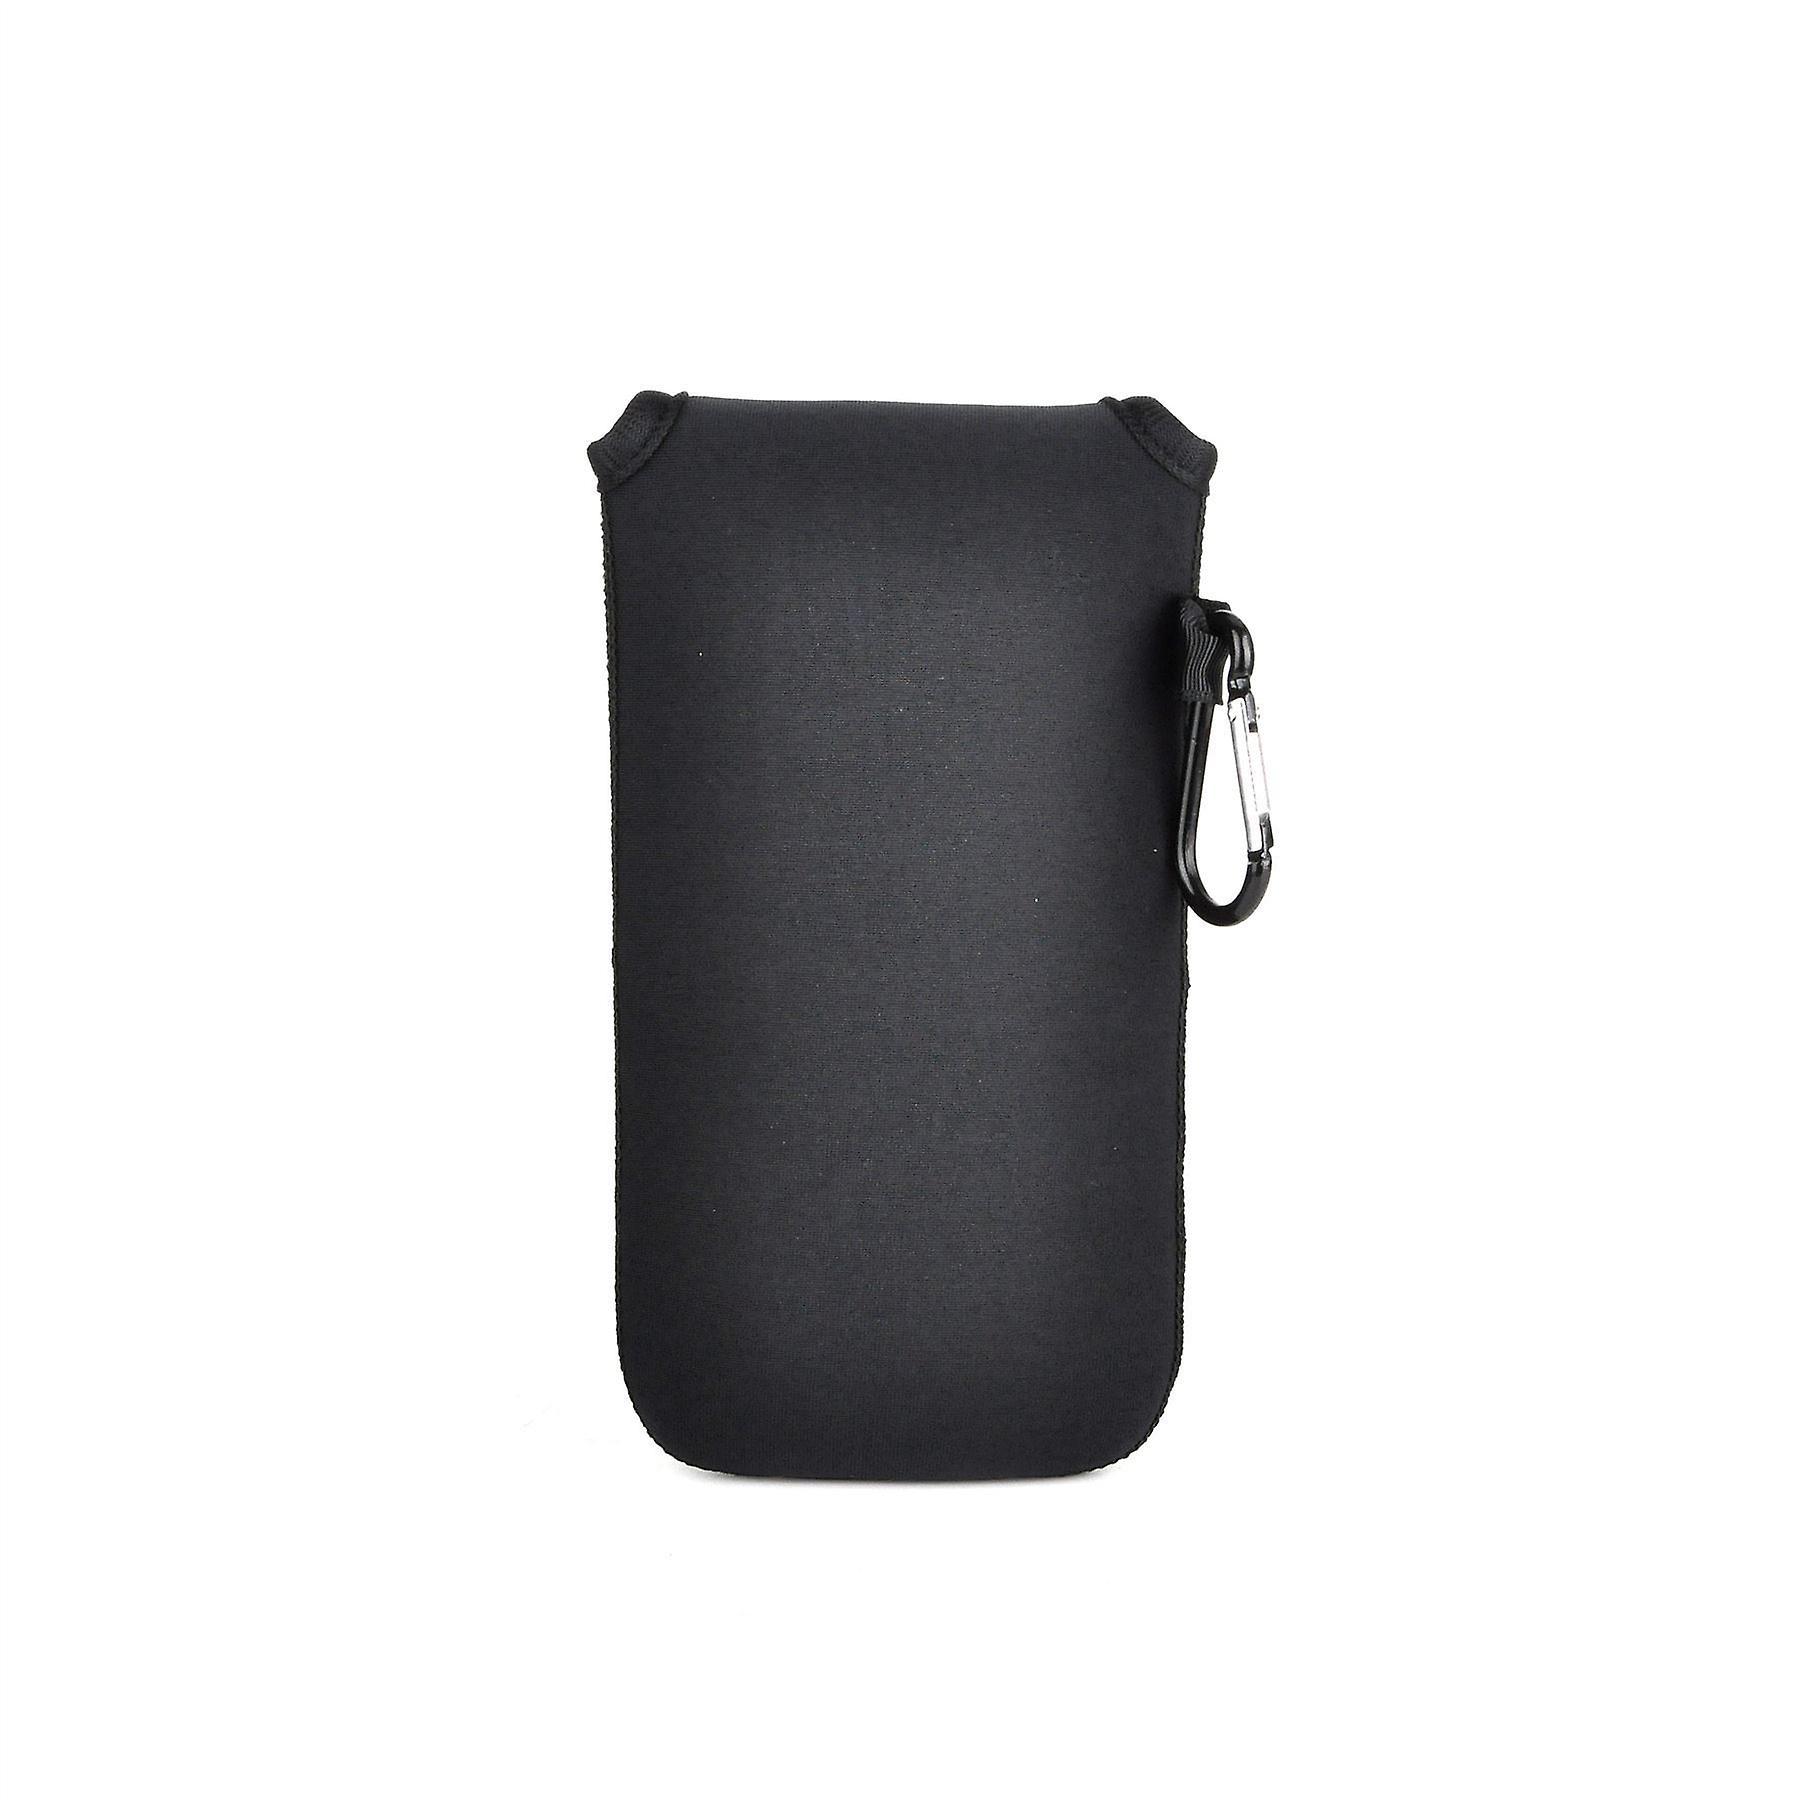 حقيبة تغطية القضية الحقيبة واقية مقاومة لتأثير النيوبرين إينفينتكاسي مع إغلاق Velcro و Carabiner الألومنيوم هواوي Y5-أسود